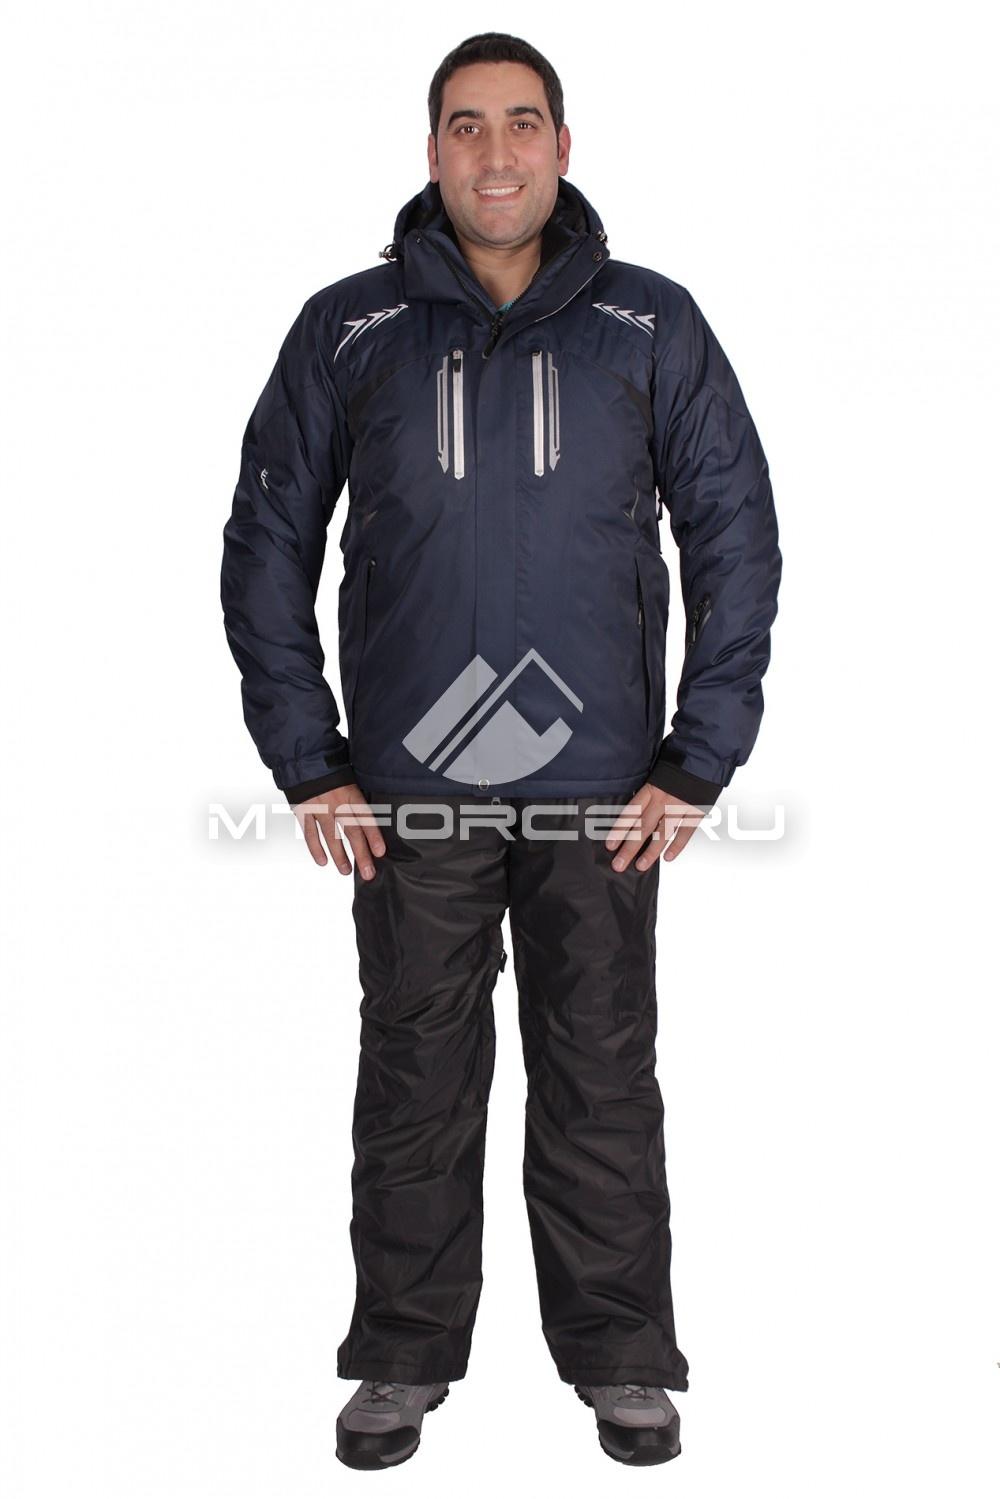 Купить                                  оптом Костюм горнолыжный мужской темно-синего цвета 01515TS